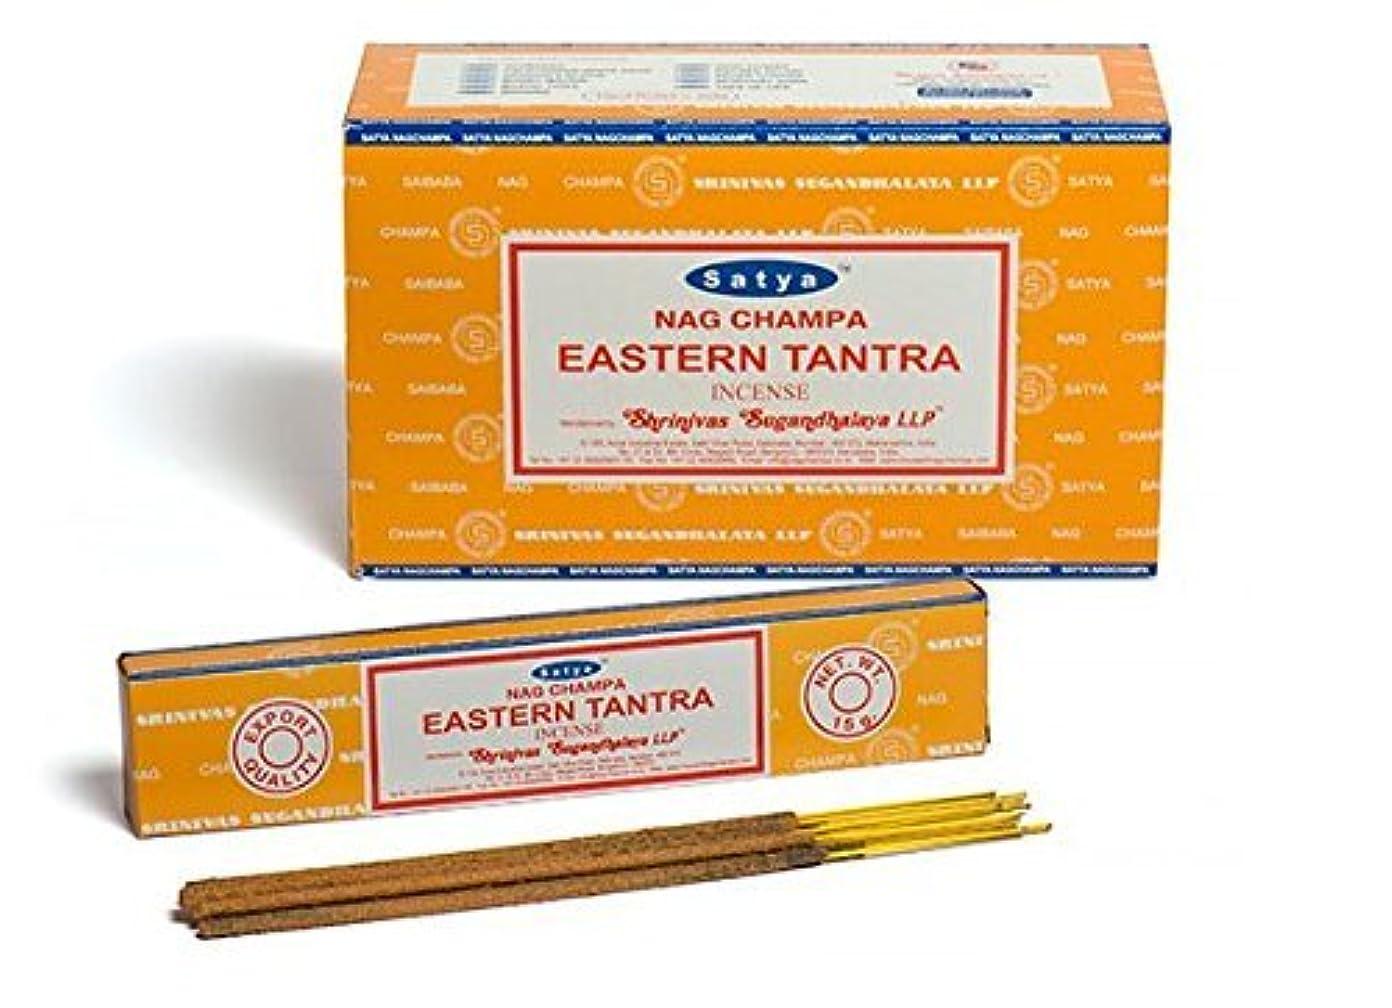 剃る変化アウターBuycrafty Satya Champa Eastern Tantra Incense Stick,180 Grams Box (15g x 12 Boxes)